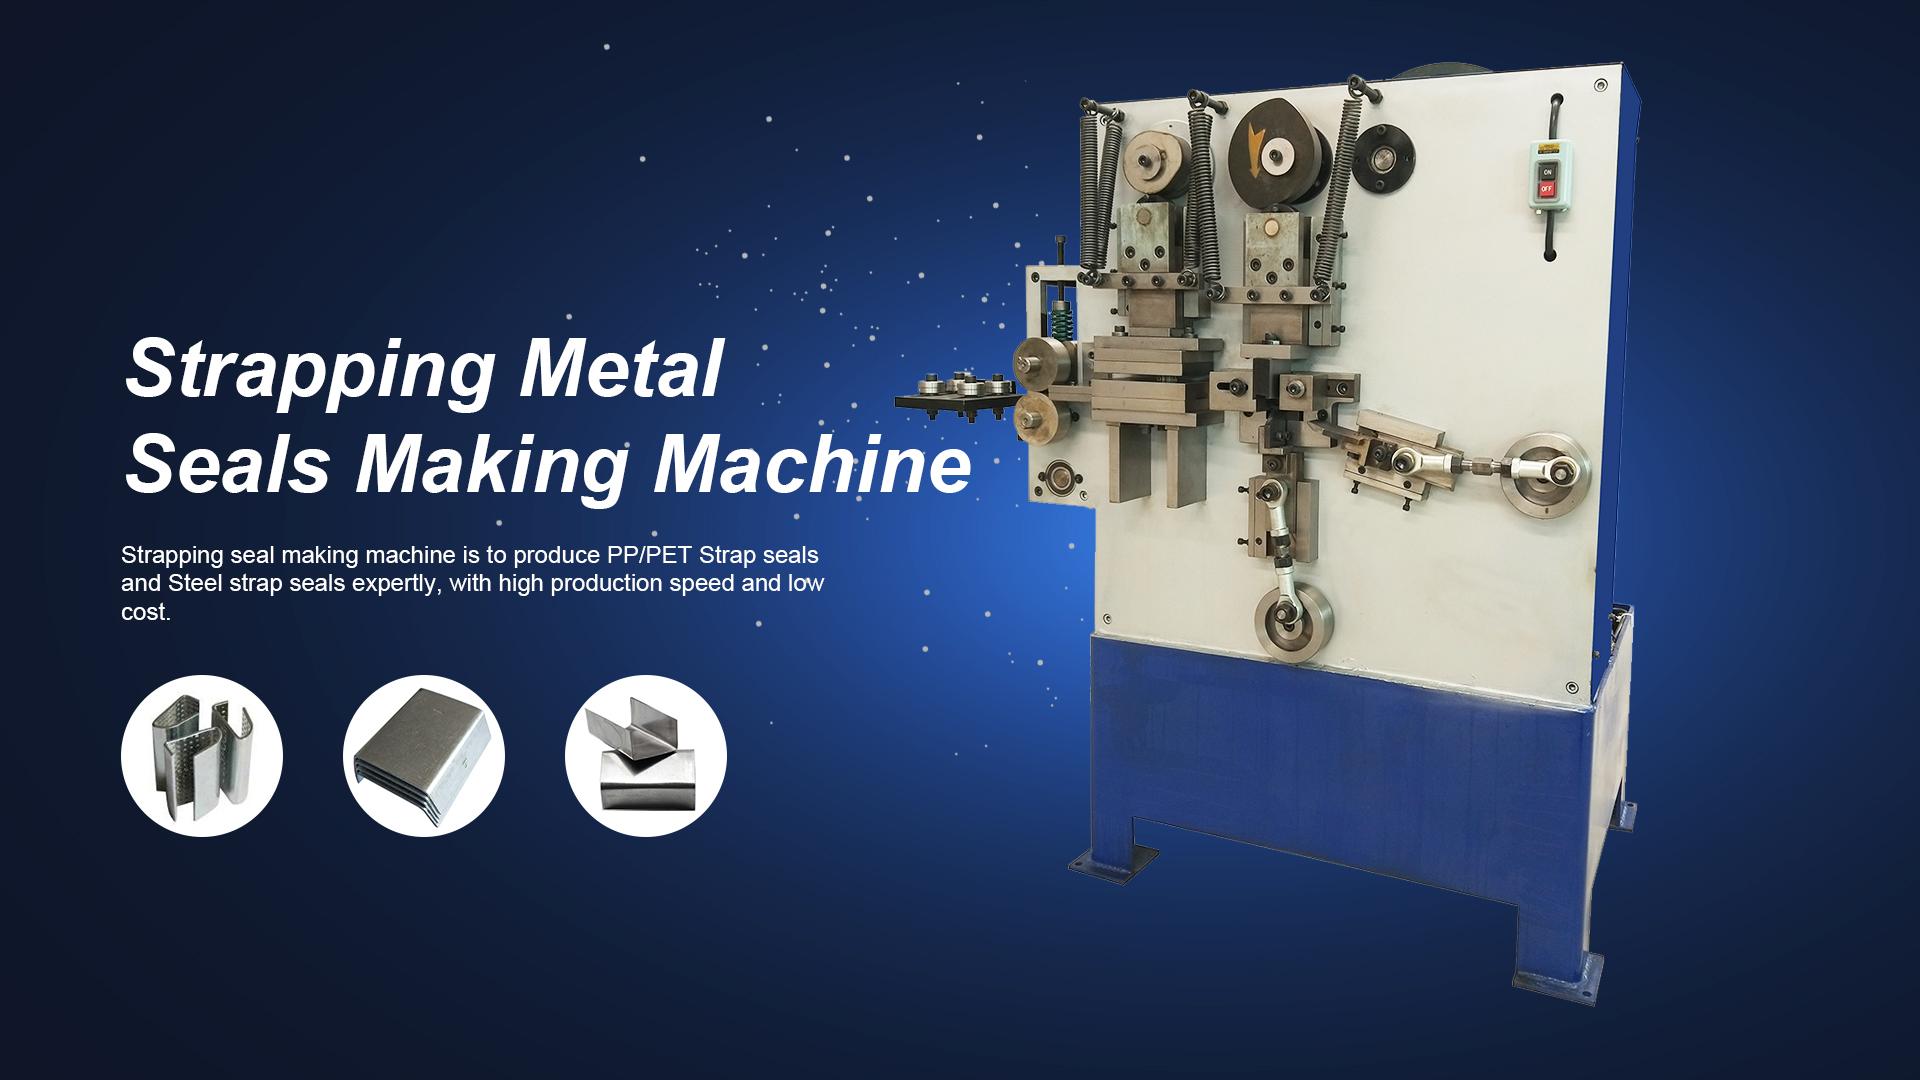 Bir dakikada metal çemberleme mühür yapım makinesini anlama